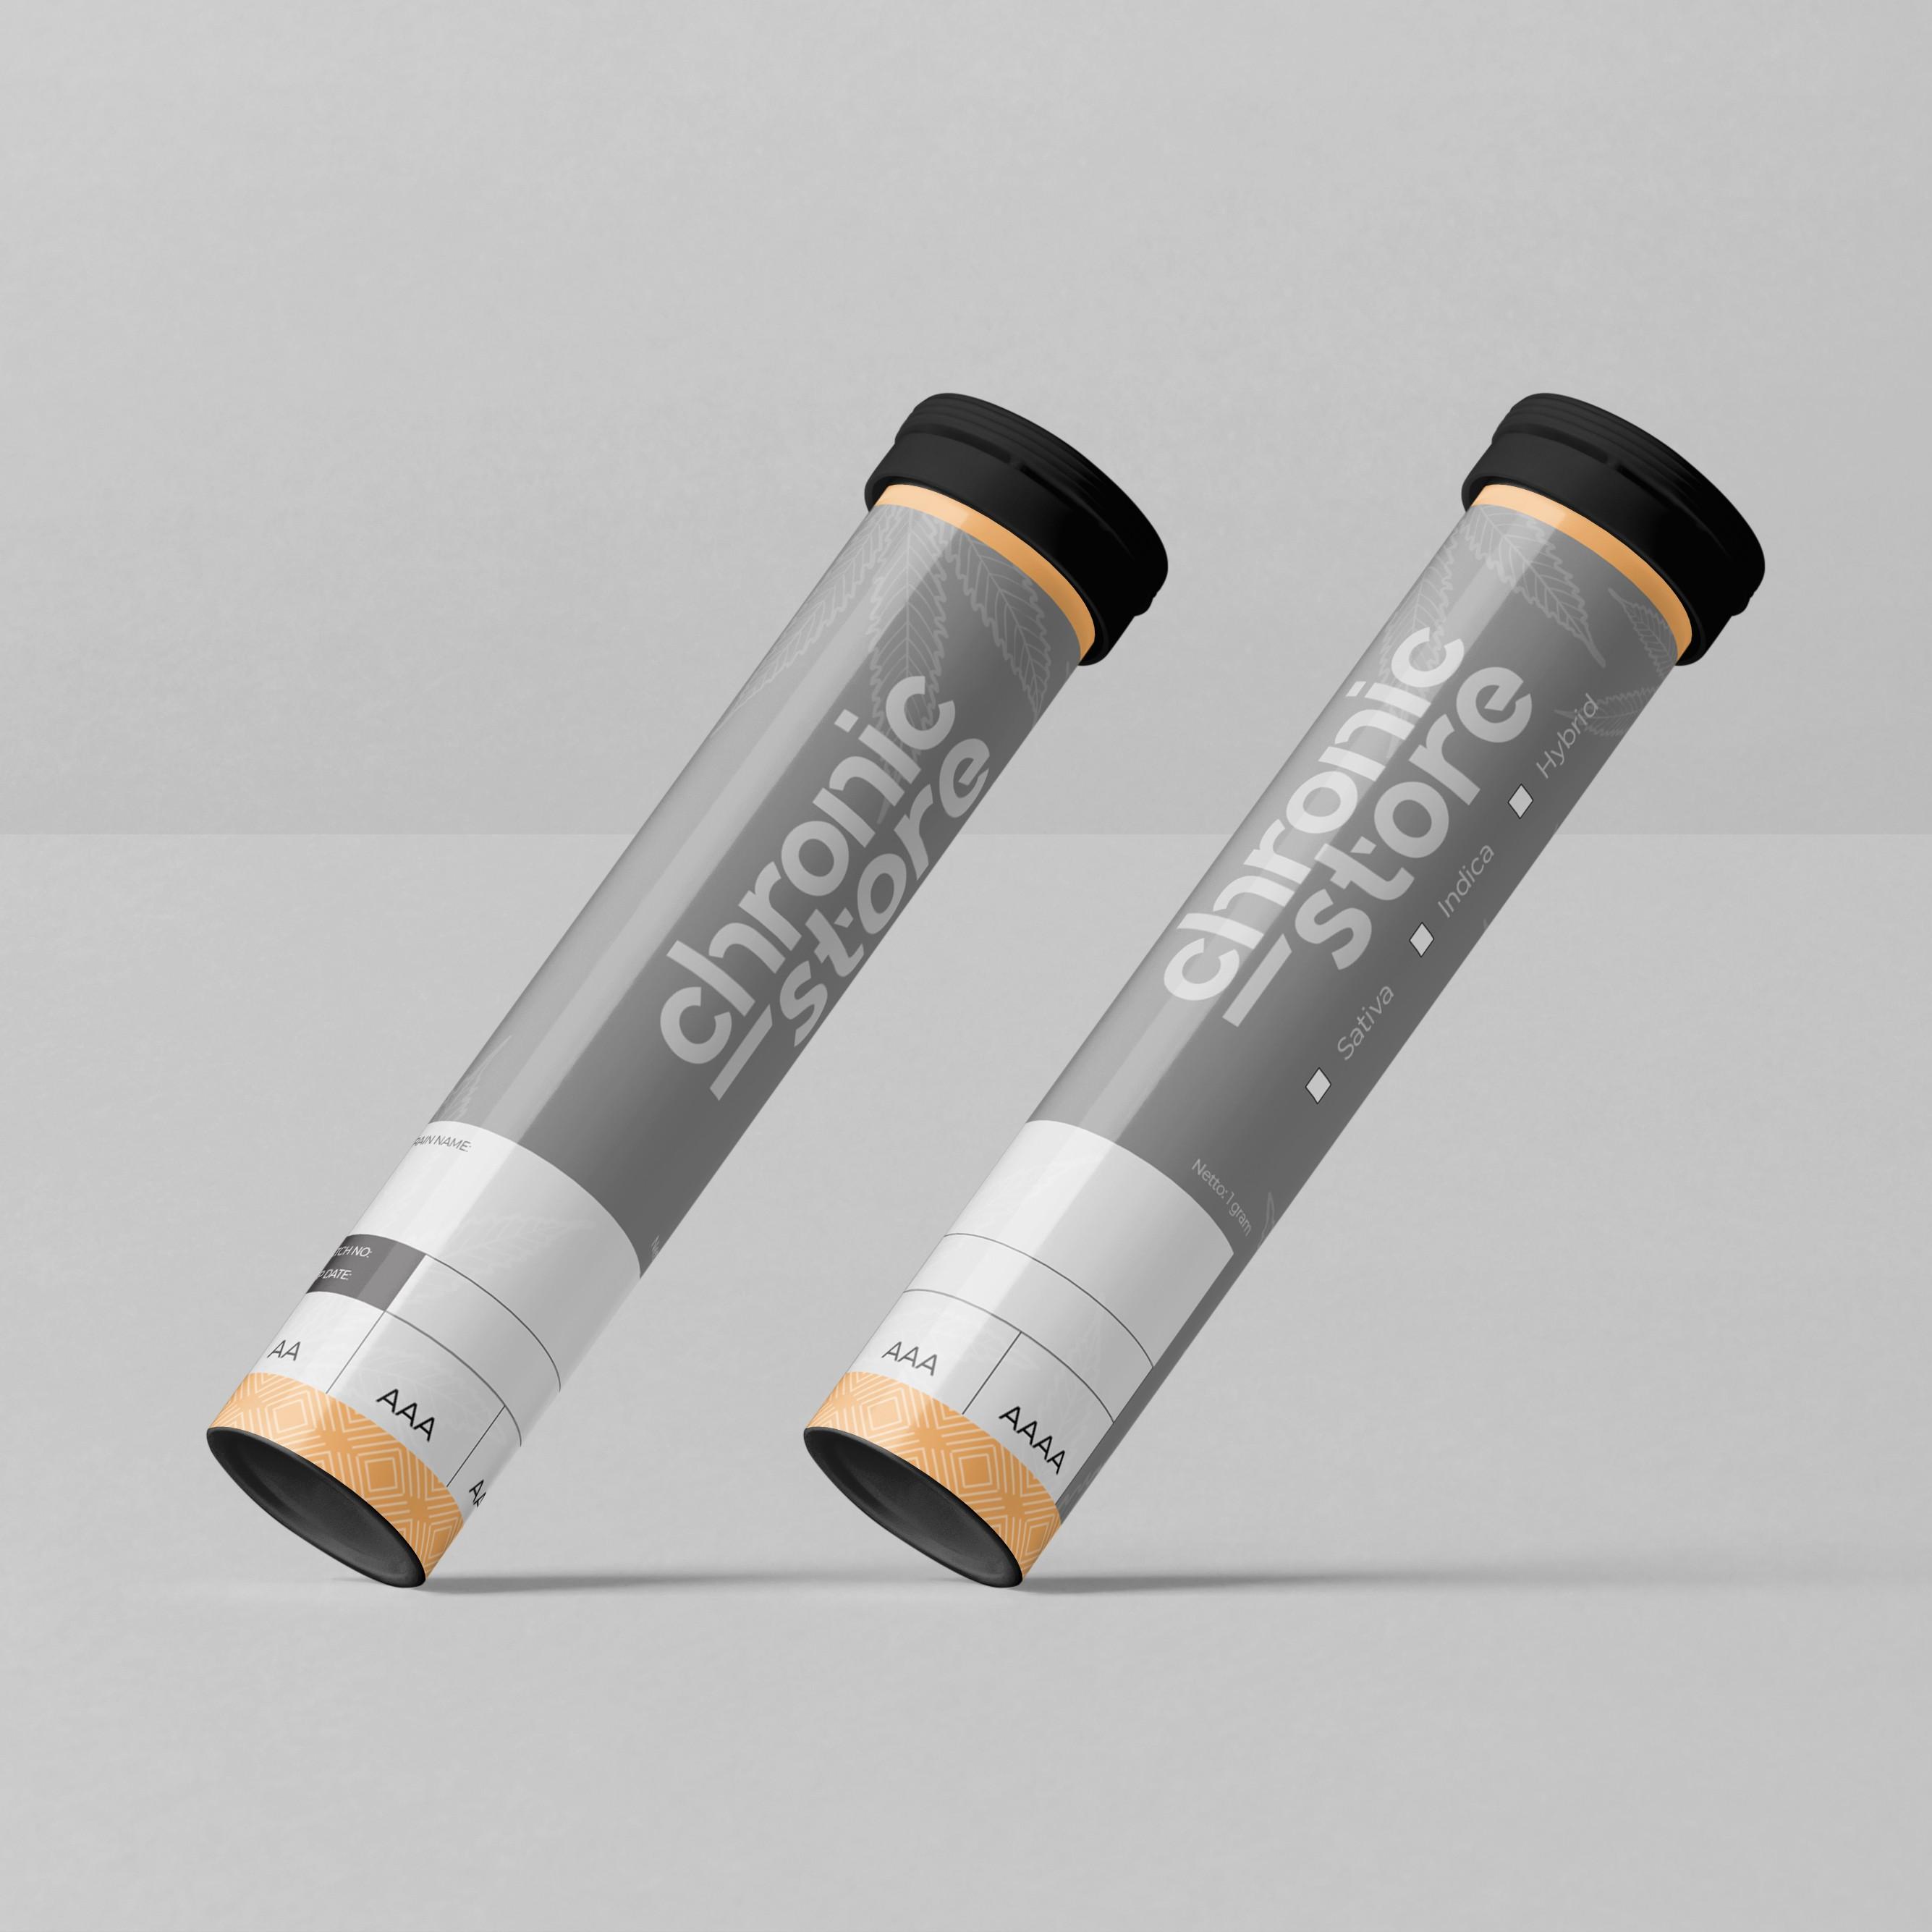 Tube Label Design For Cannabis Company - CSTORE